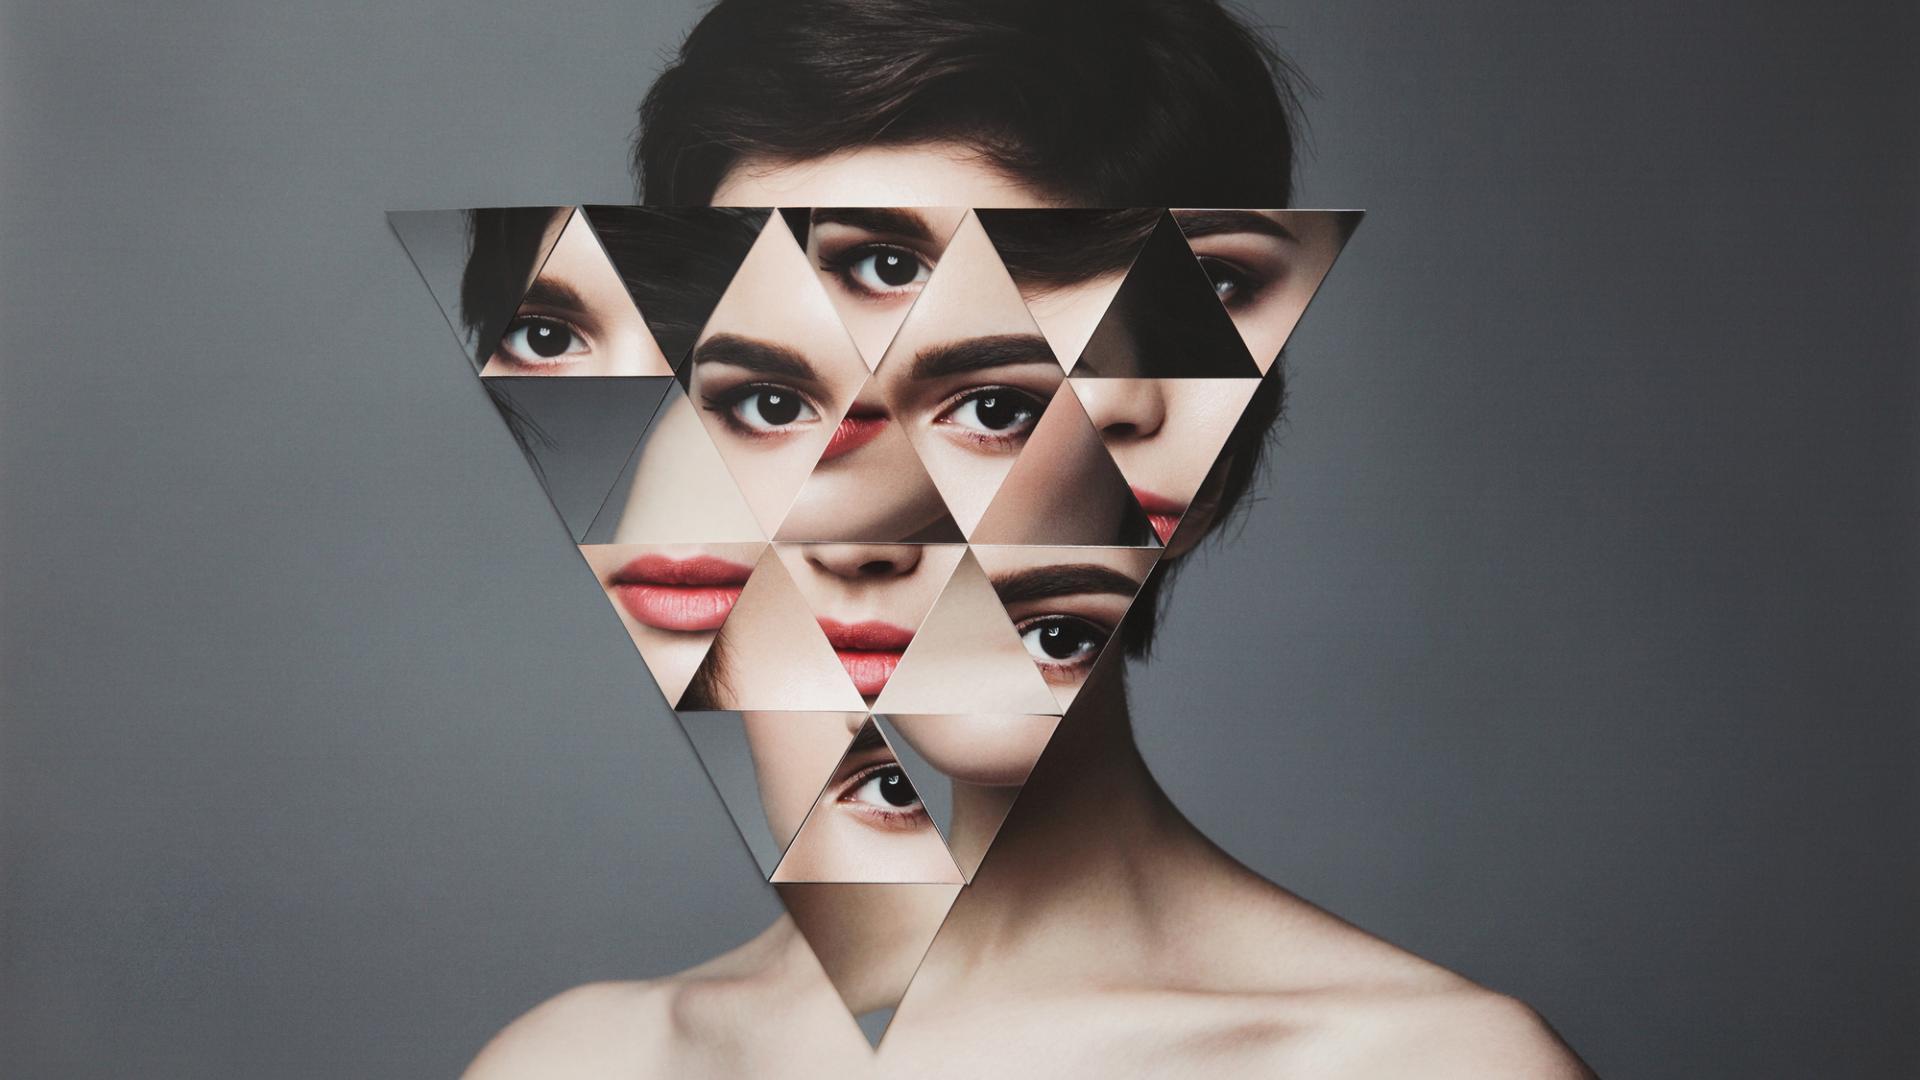 Frau Gesicht Splitter